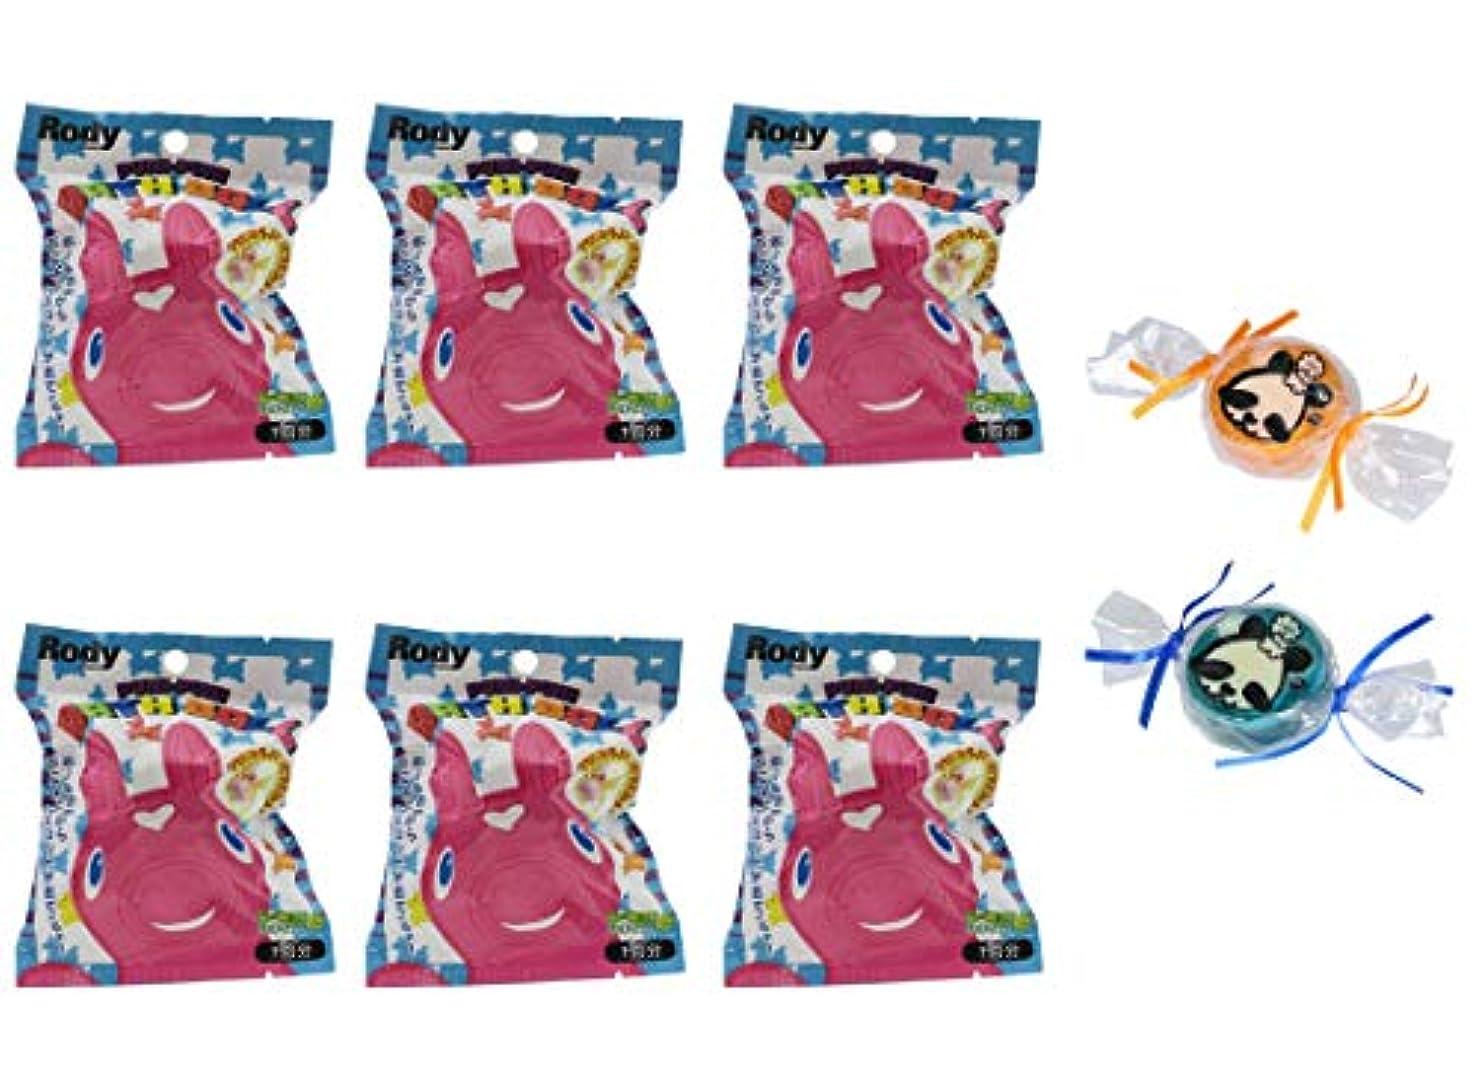 ビート症候群カウボーイ【6個セット+ミニ石けん付】サンタン ぷにぷにロディ バスボール レモンの香り 80g【パンダ石けん2個付】